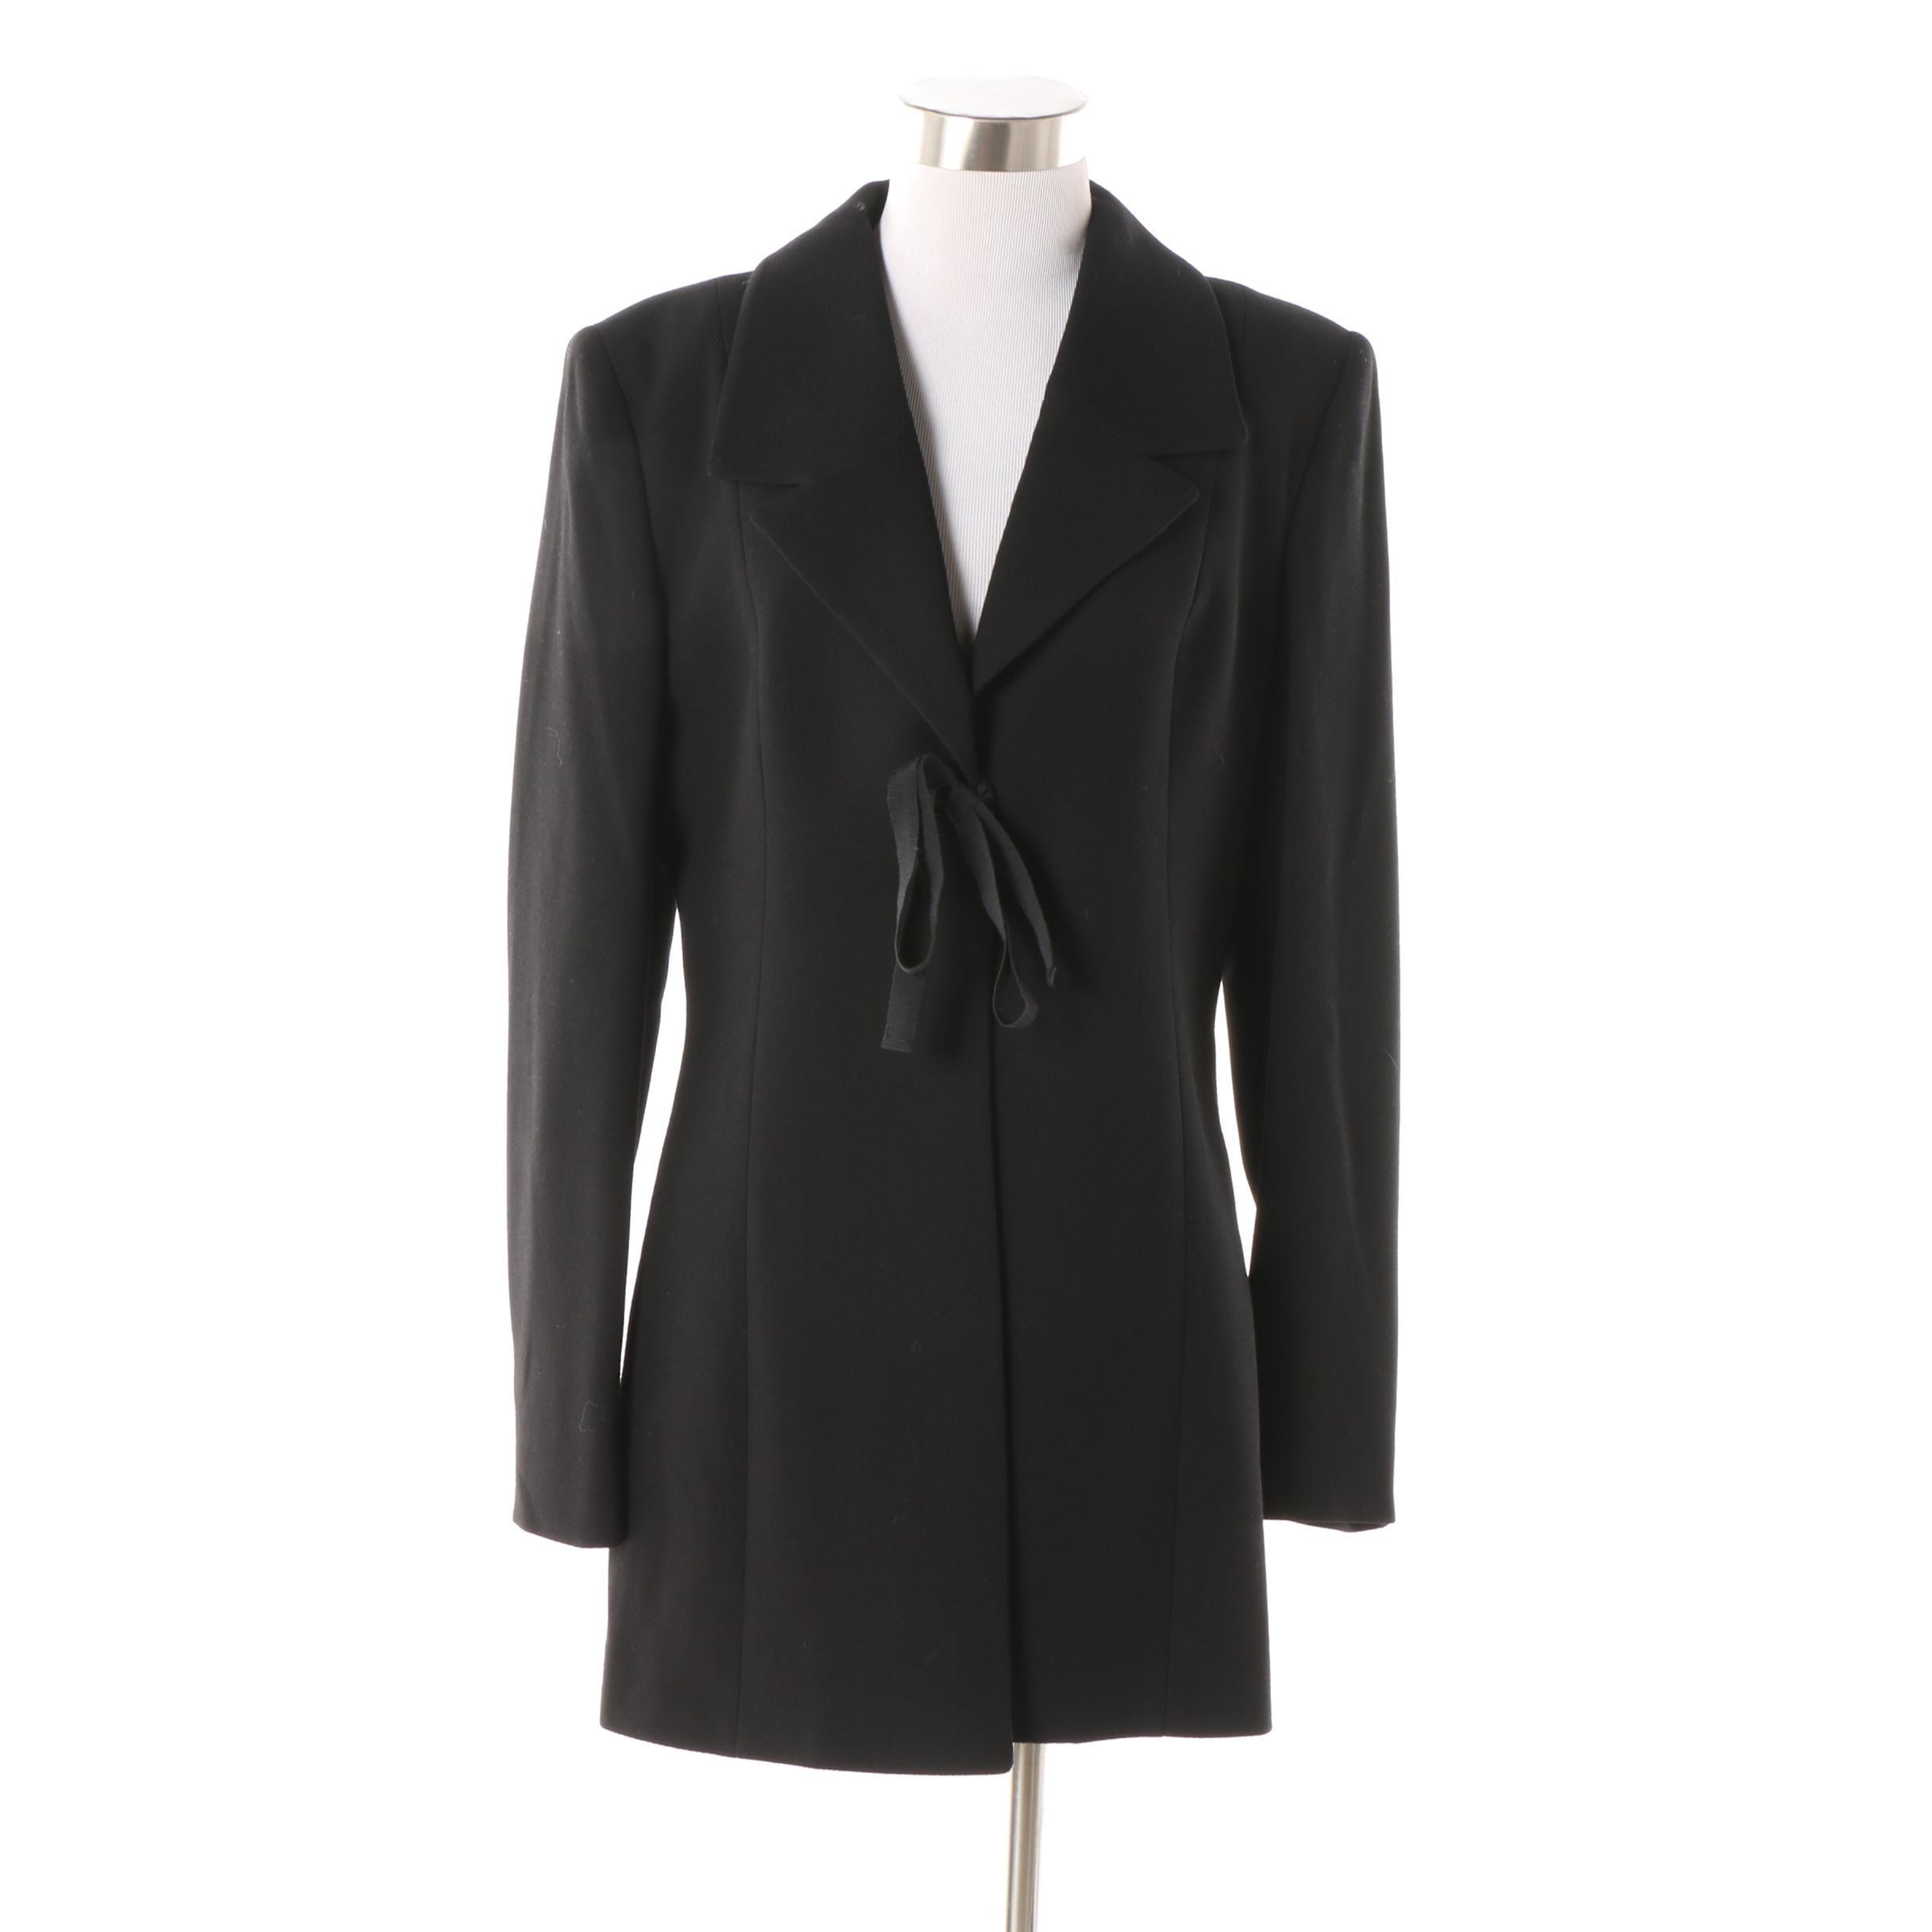 Women's Barneys New York Black Wool Tie-Front Jacket